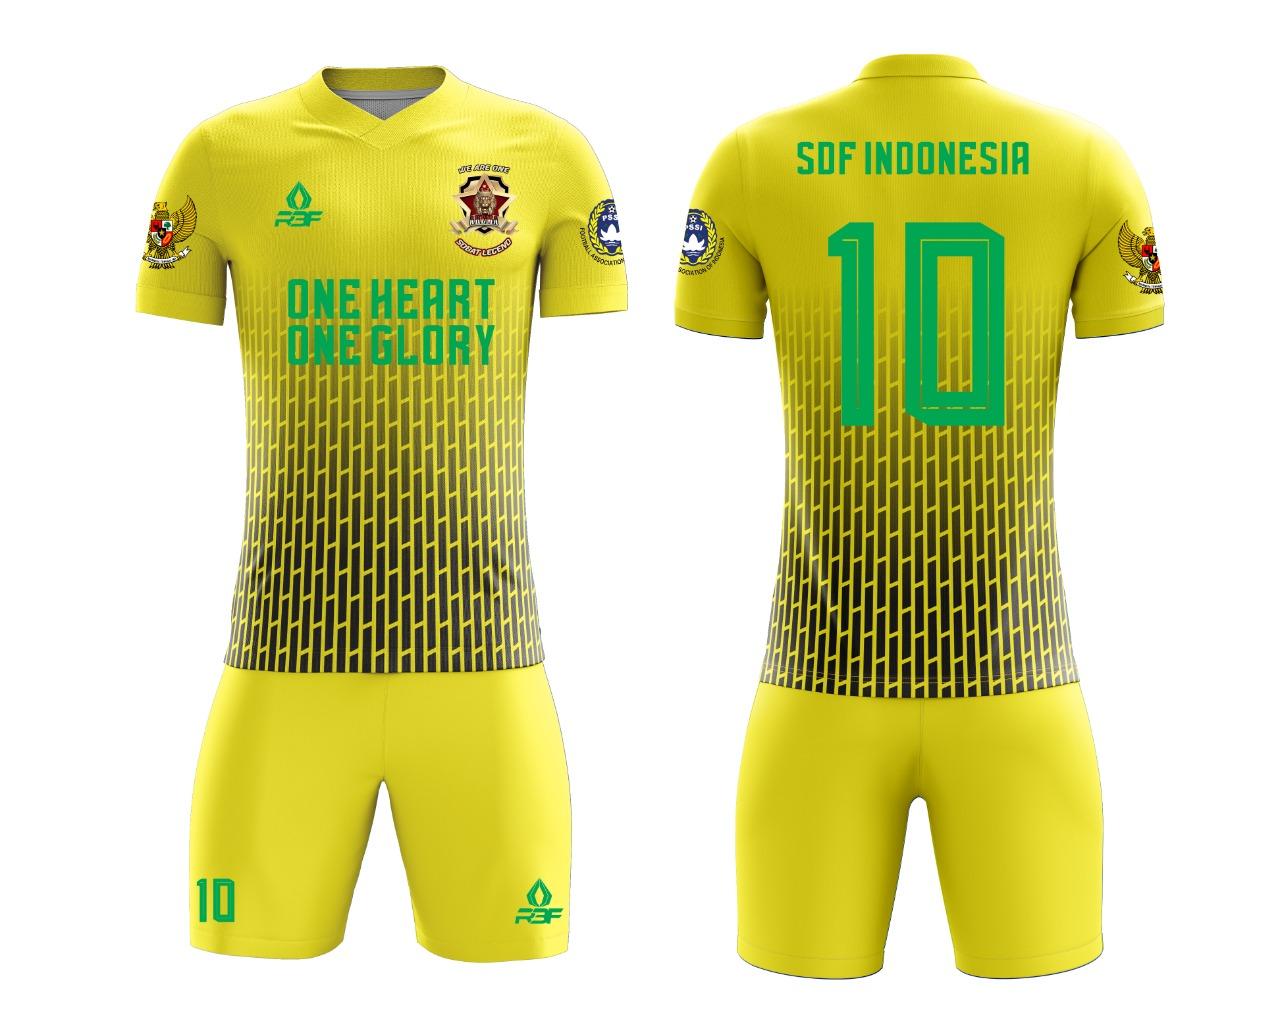 Jual Jersey Printing Satuan warna kuning